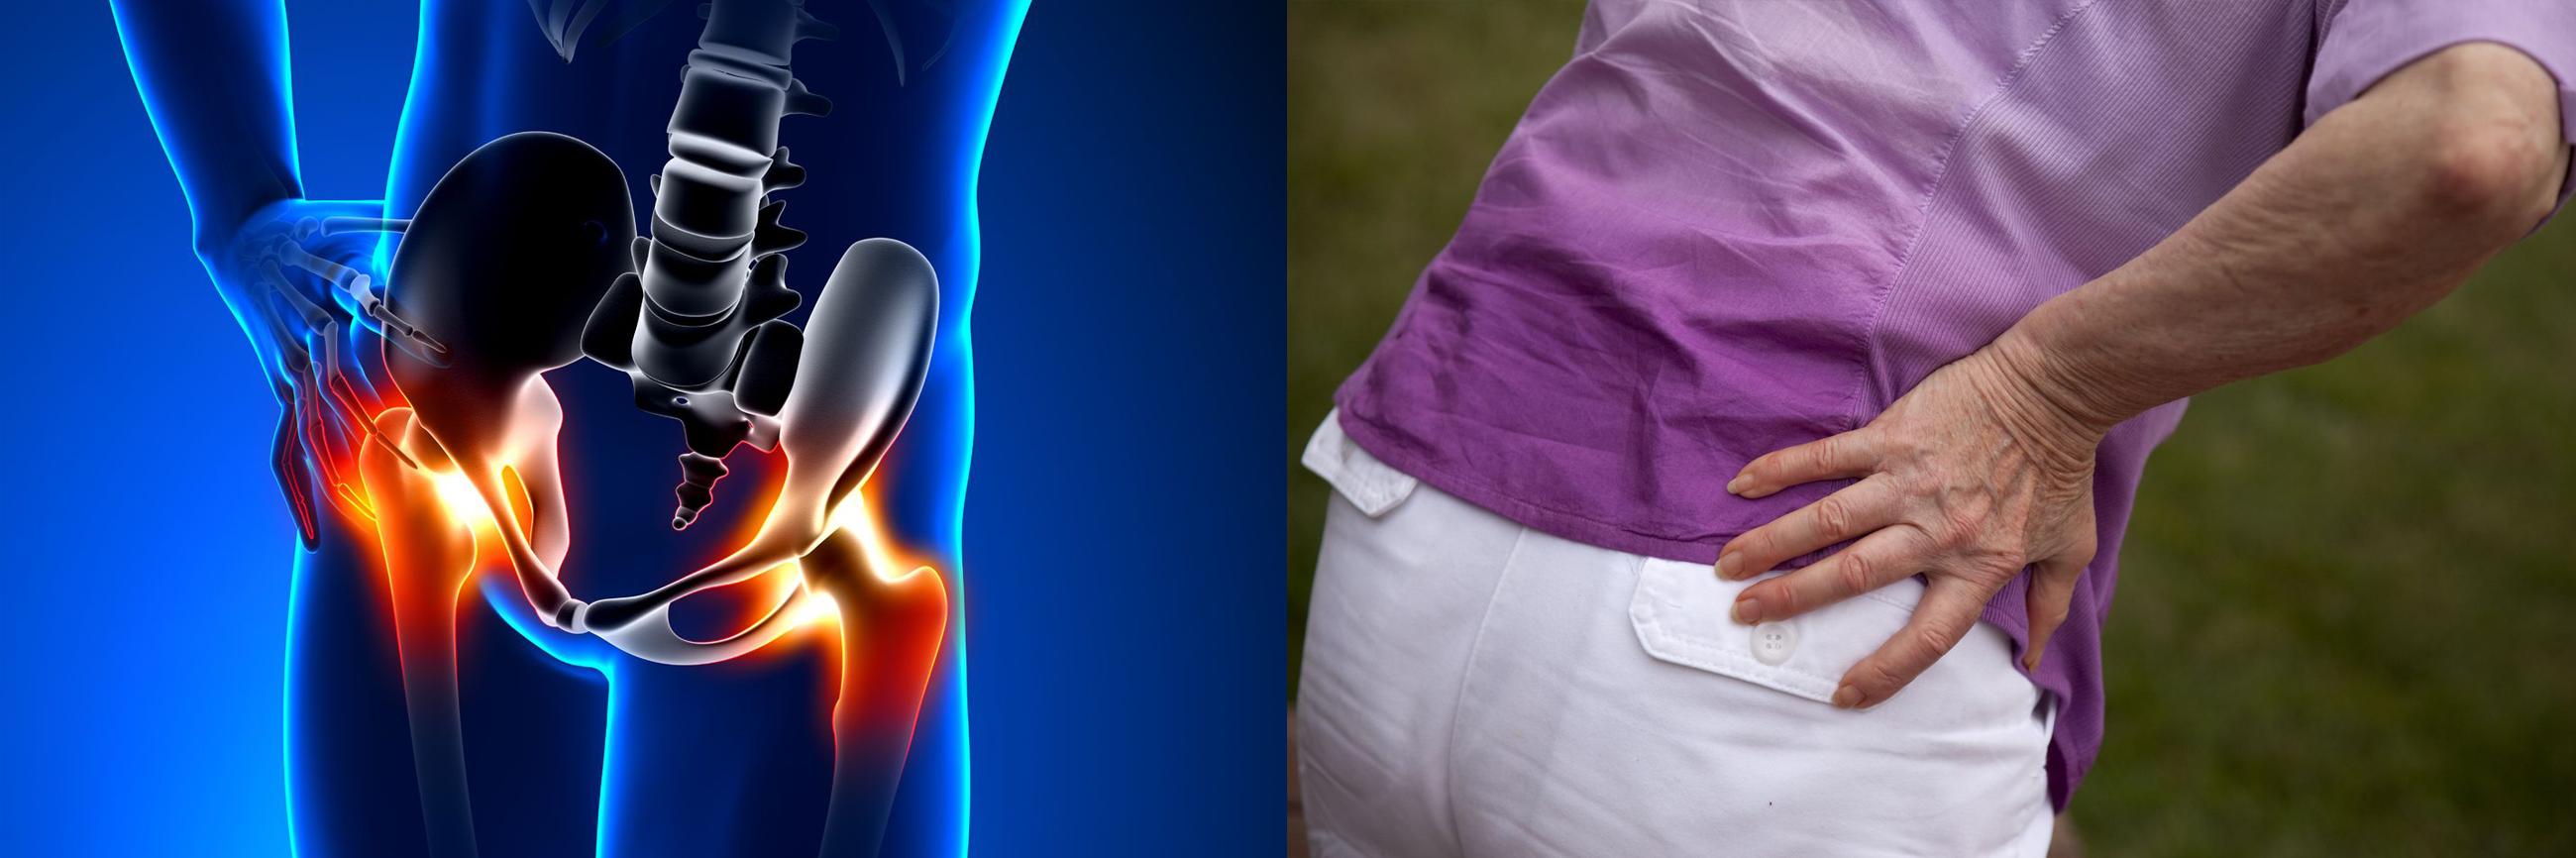 csípőízületek fáj, hogyan kell kezelni ok nélküli ízületi fájdalom